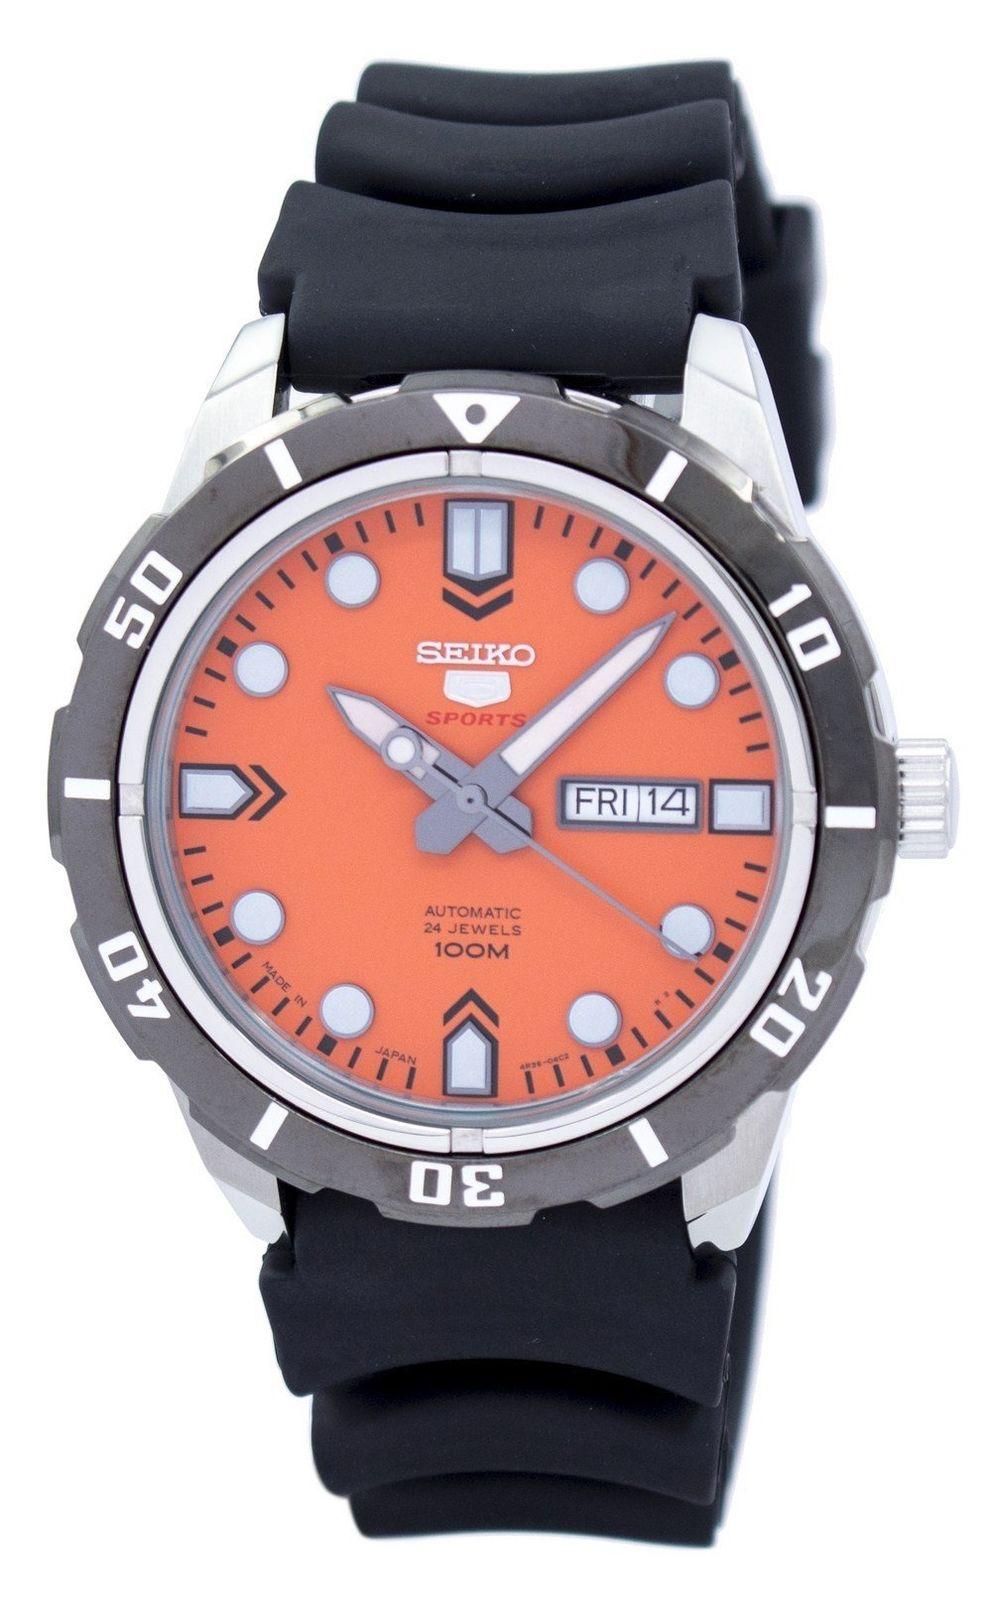 นาฬิกาผู้ชาย Seiko รุ่น SRP675J1, Seiko 5 Sports Automatic Japan